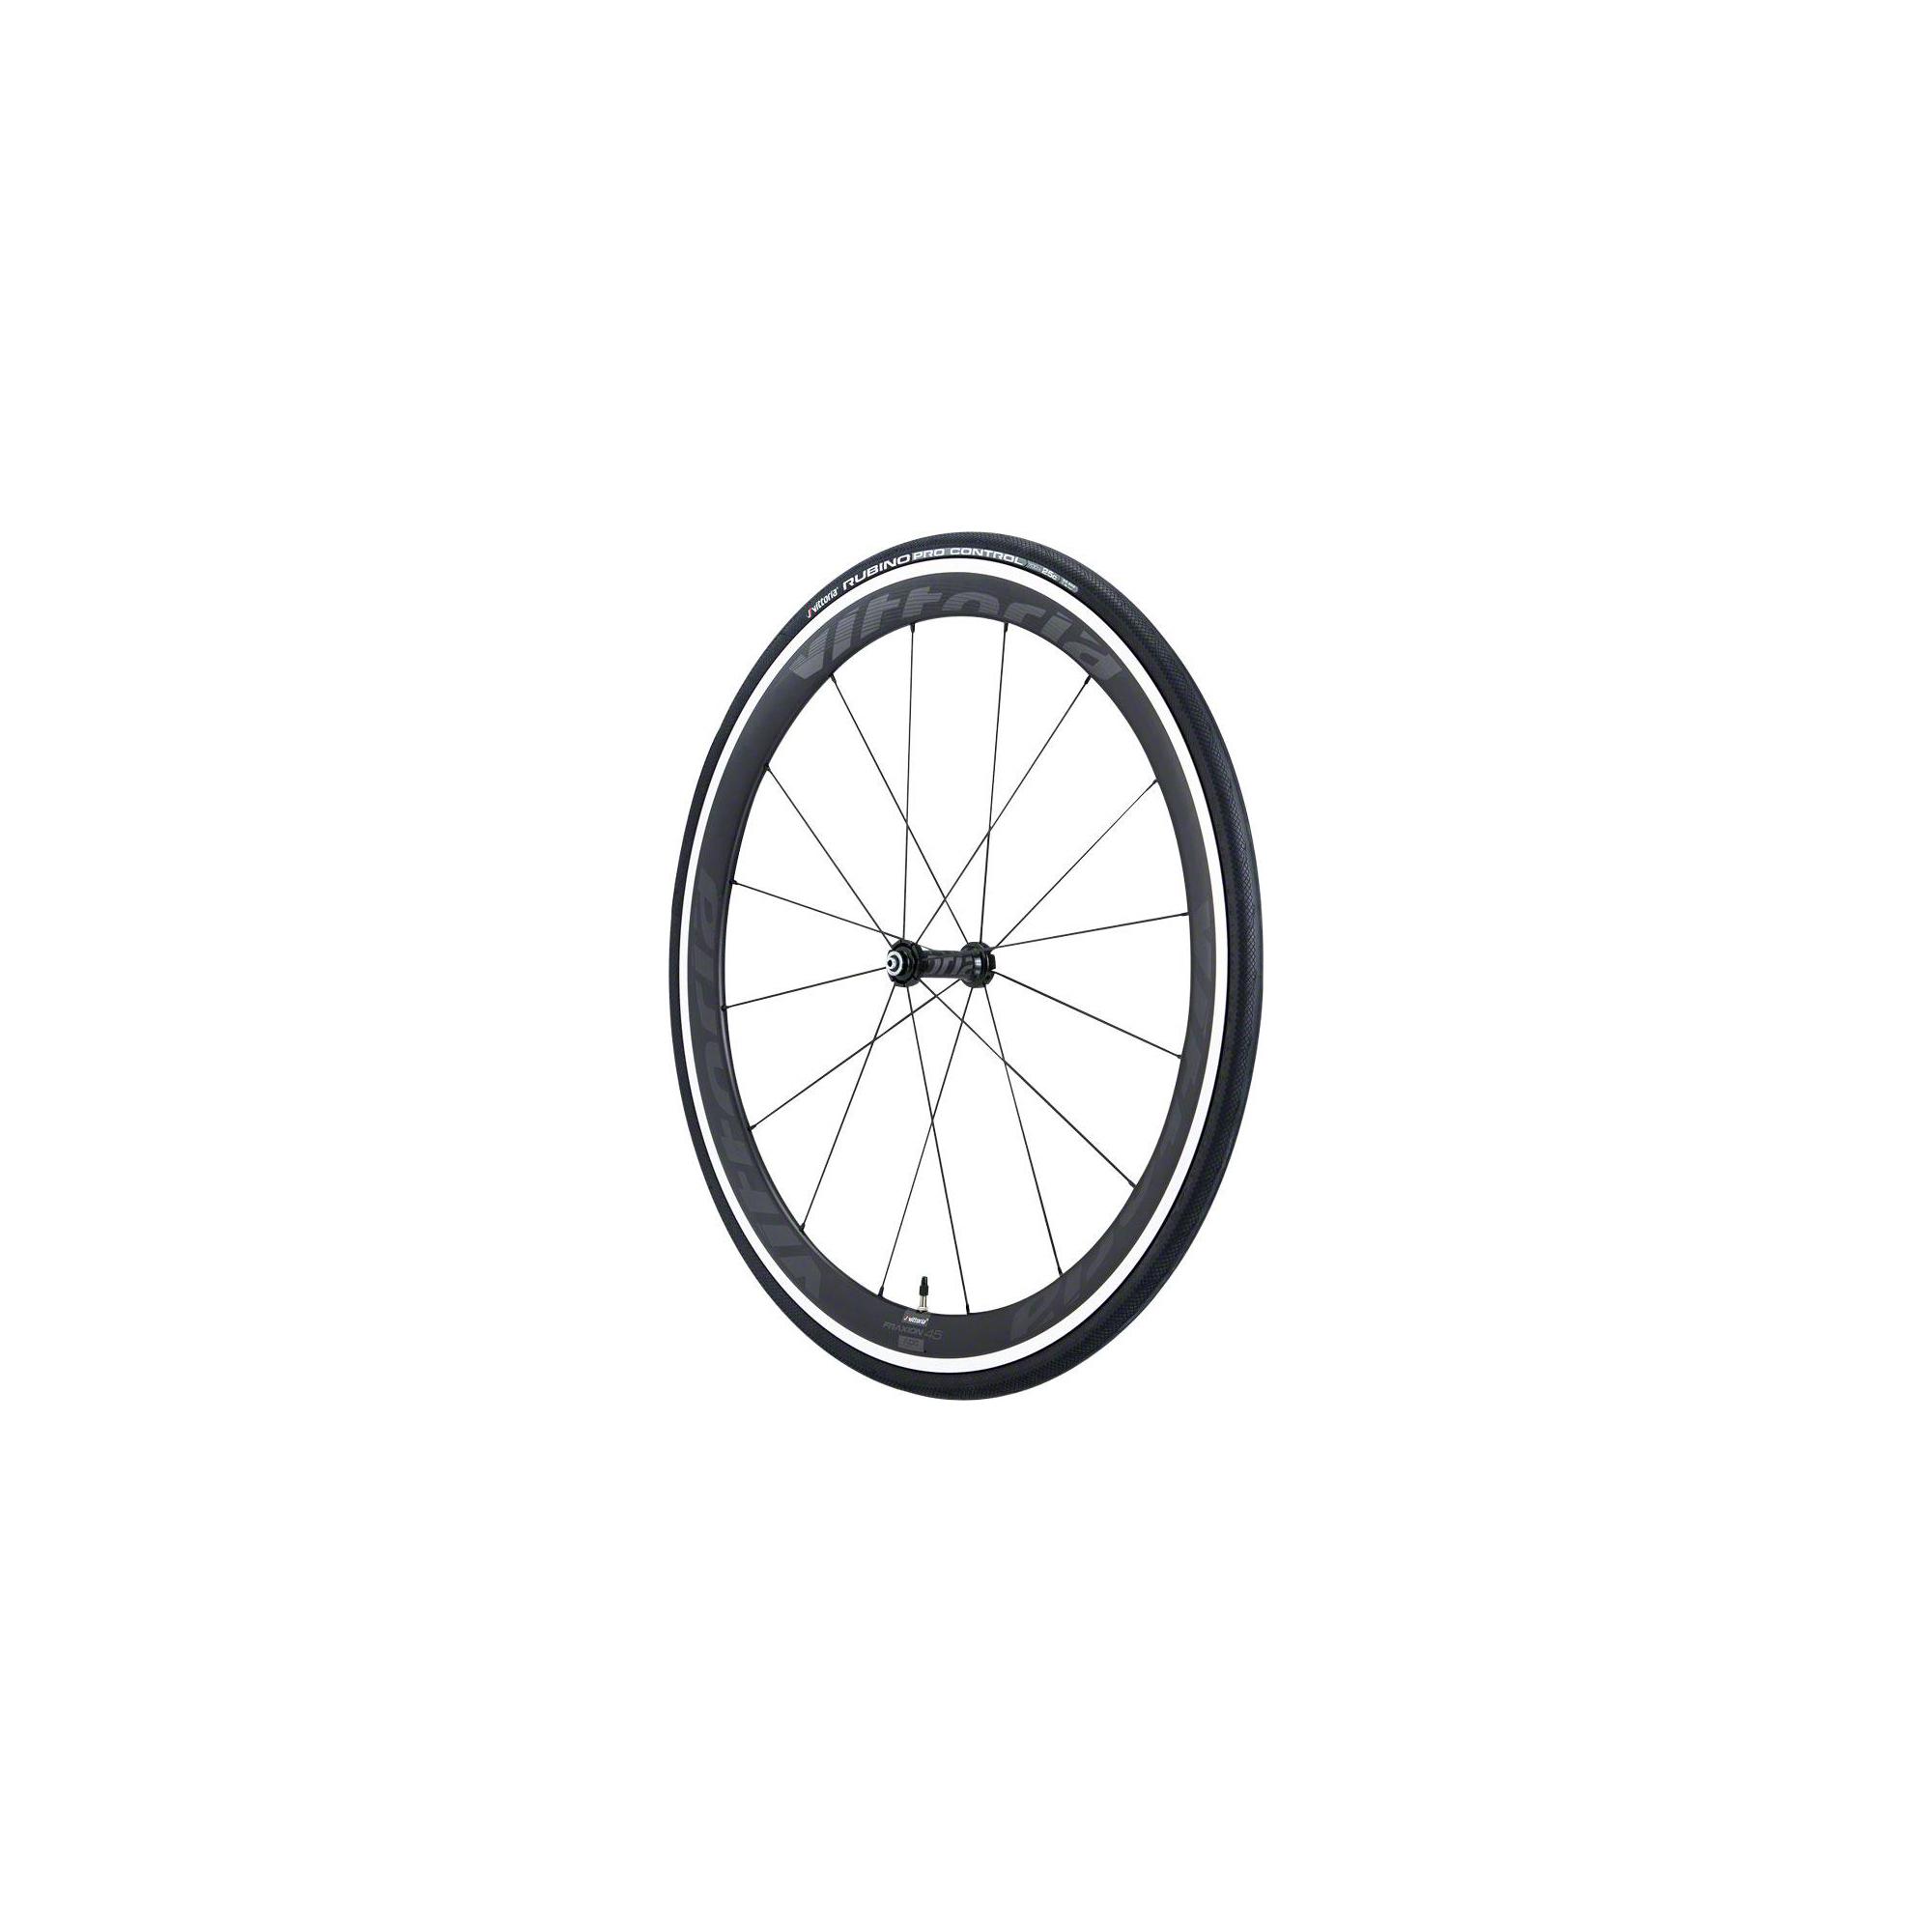 Vittoria Rubino Pro Control G+ Tire: Folding Clincher